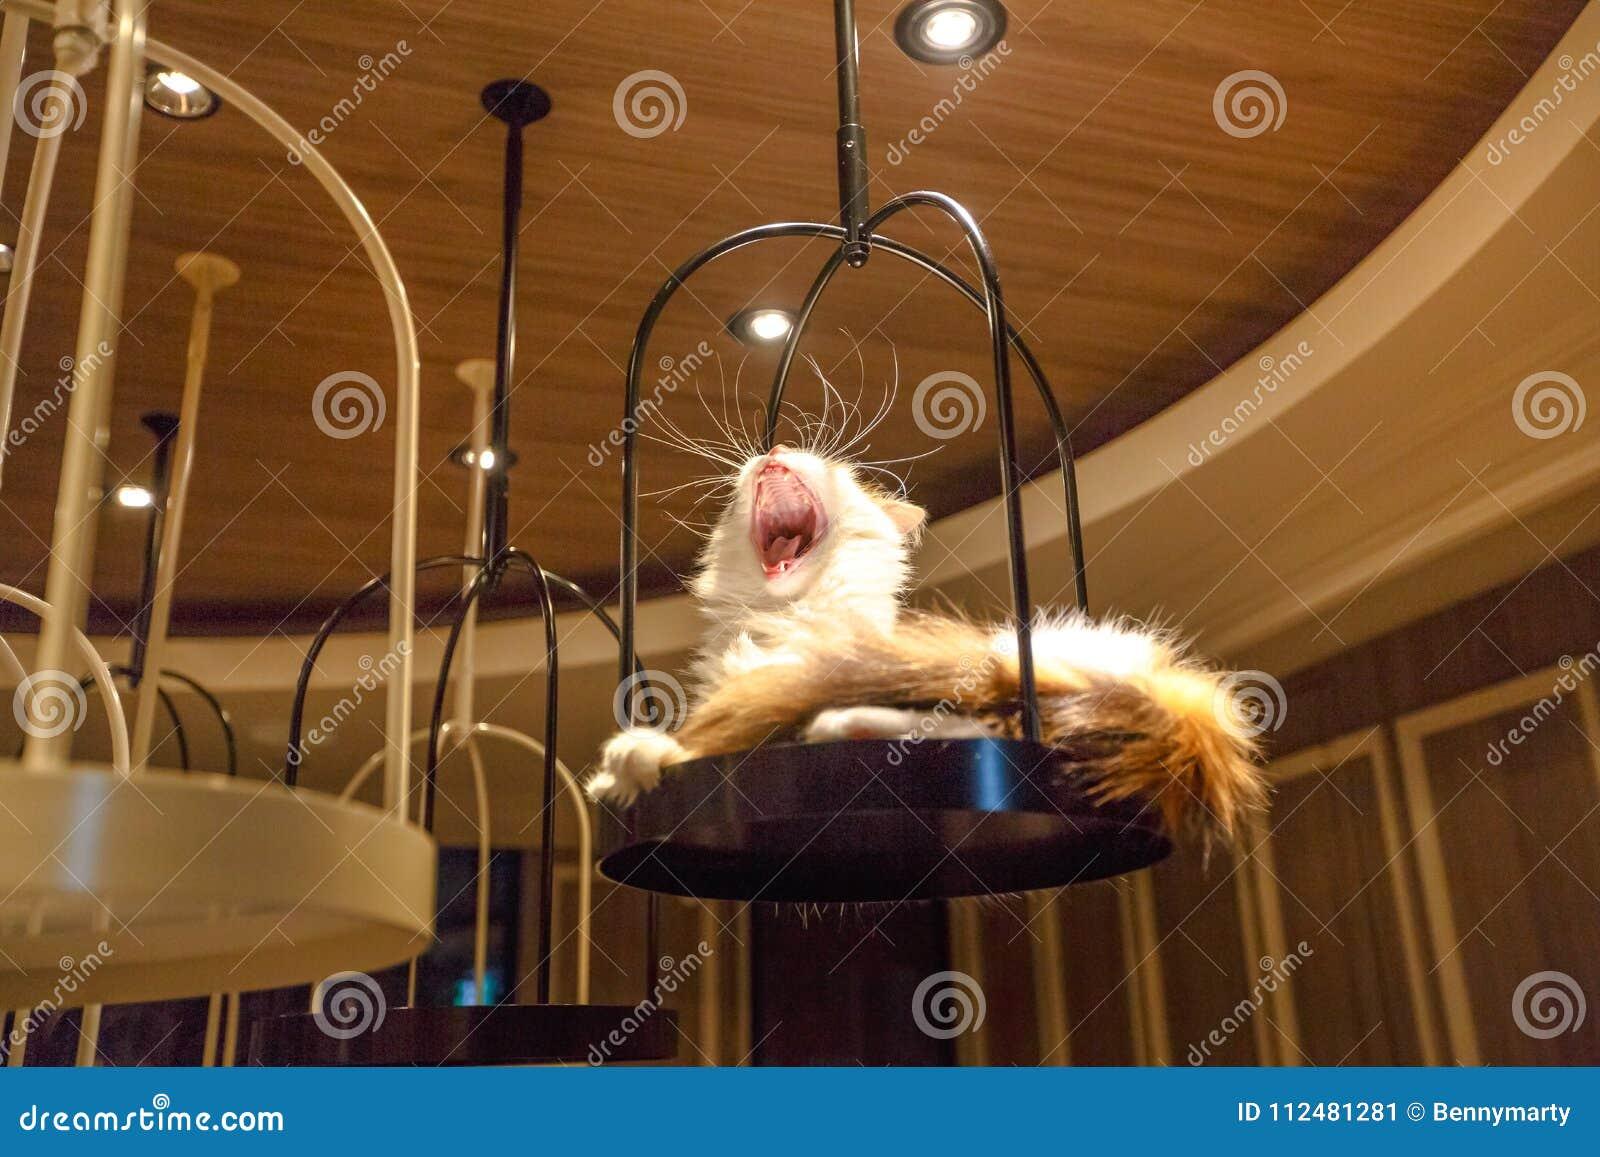 Cat Cafe Shibuya Stock Image Image Of Angora Feline 112481281